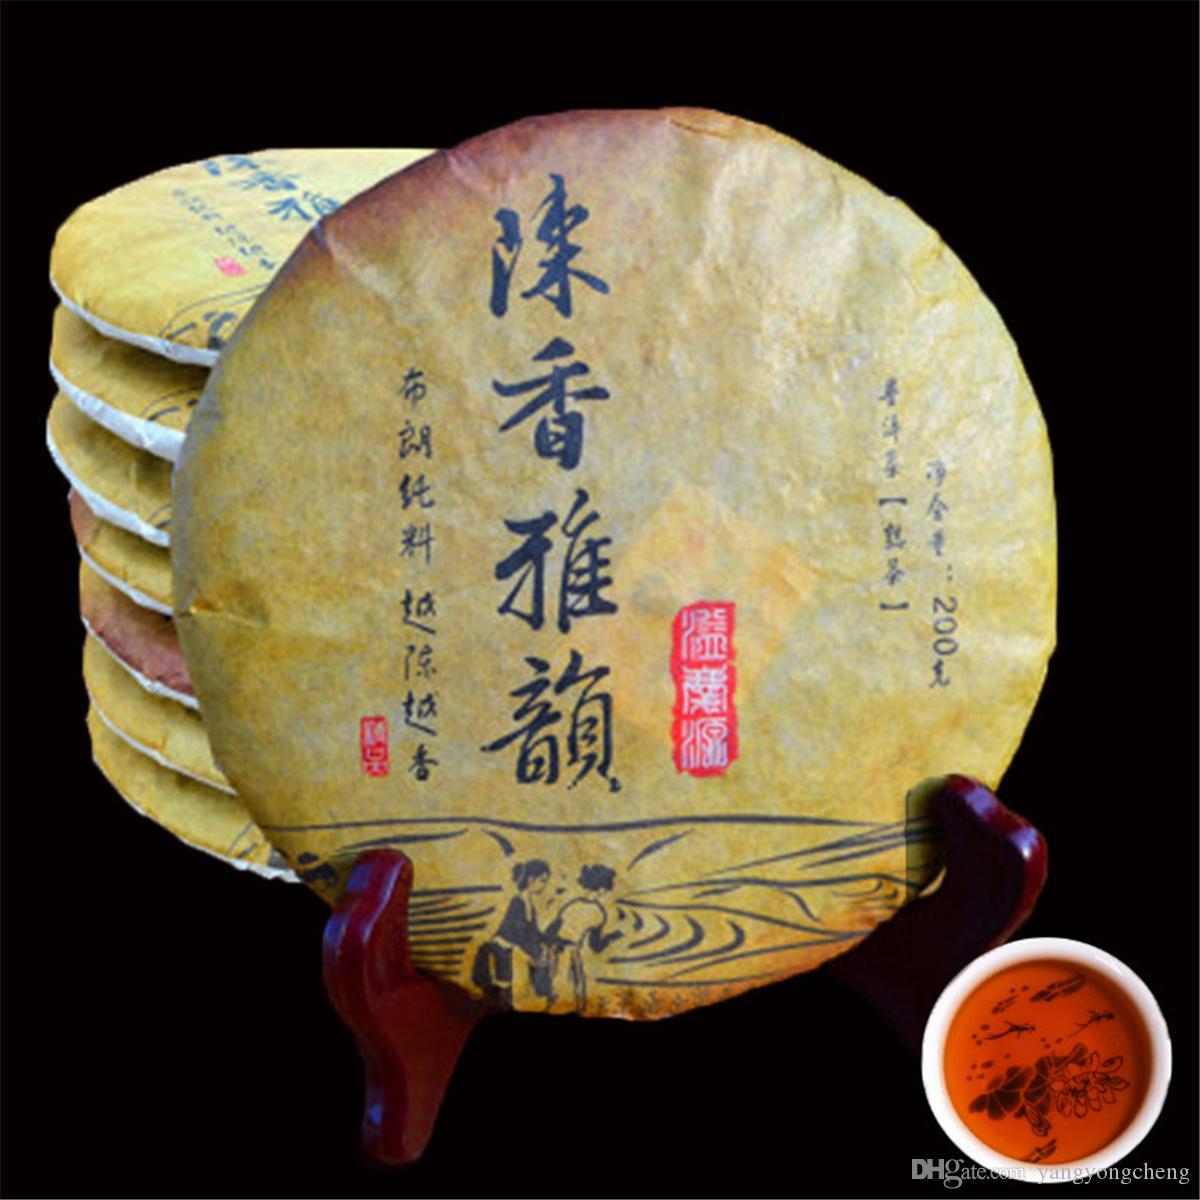 Yunnan Puerh çay eko Puer olgun pu er Yeşil gıda 200g Pu'er Siyah çay Çin Puer sağlıklı gıda pişmiş Pu erh Kırmızı çay